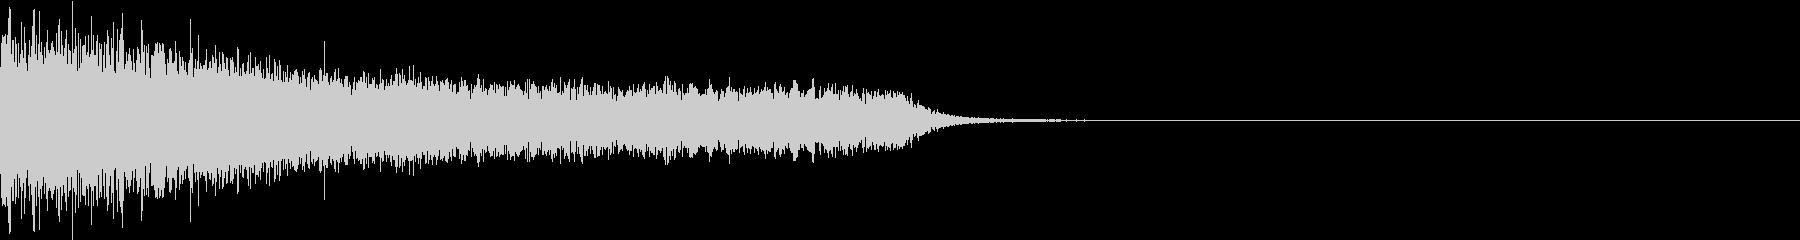 衝撃 ギター インパクト ノイズ 01の未再生の波形